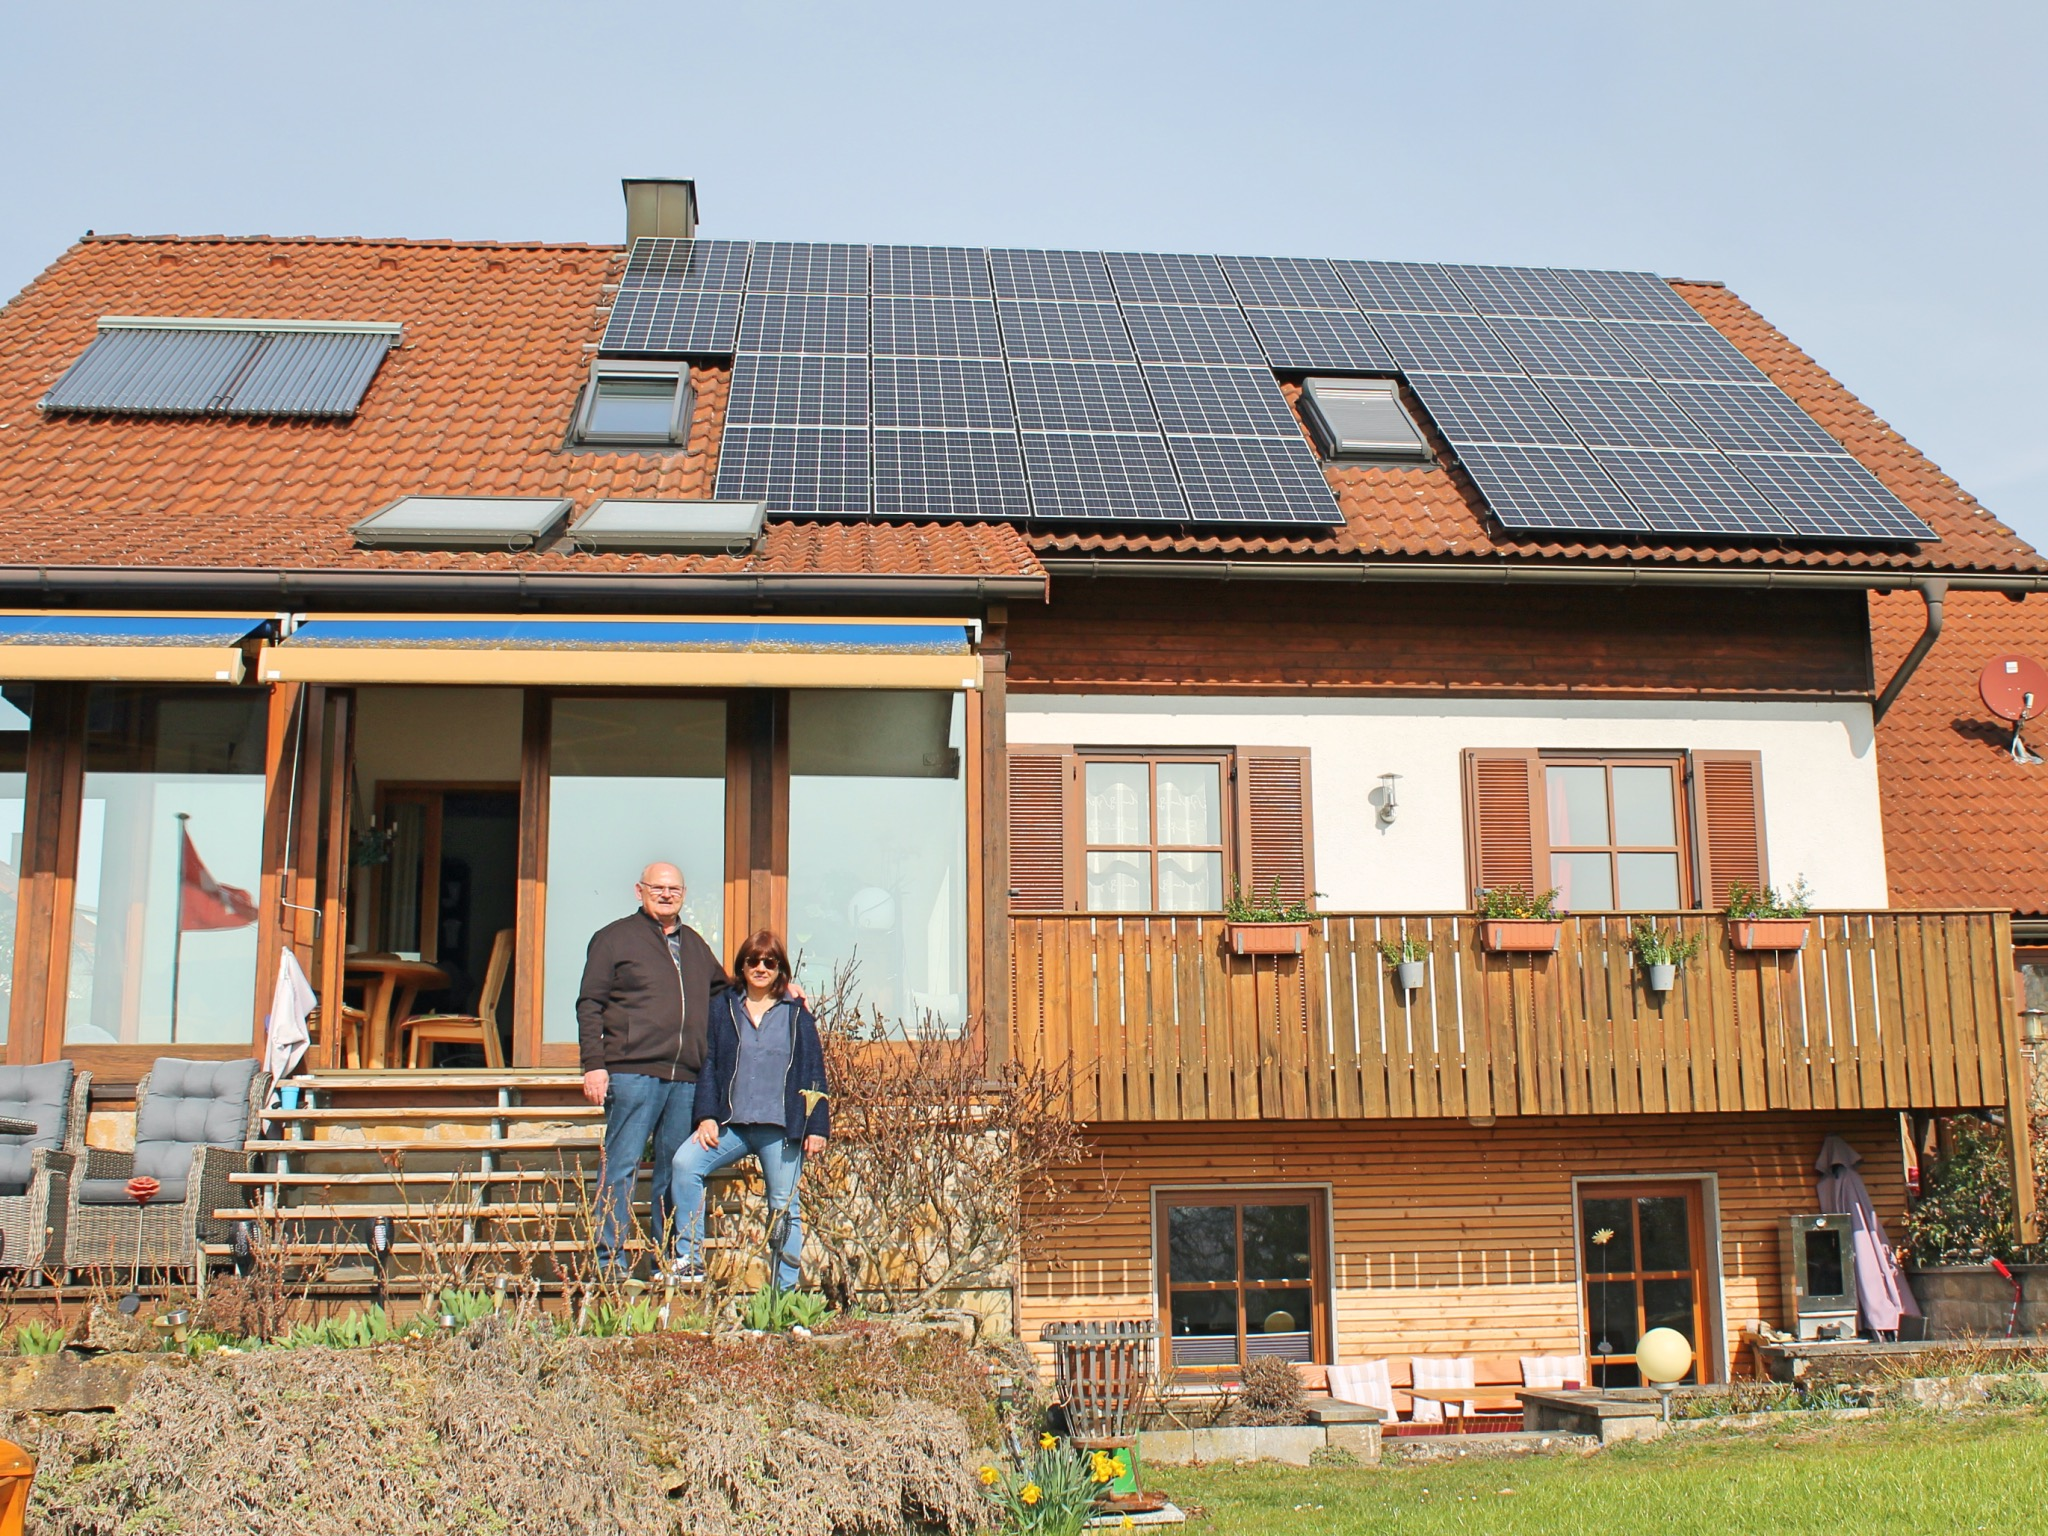 Das Ehepaar Müller vor ihrem Haus mit Solaranlage. Foto: Verena Dürr / WVV